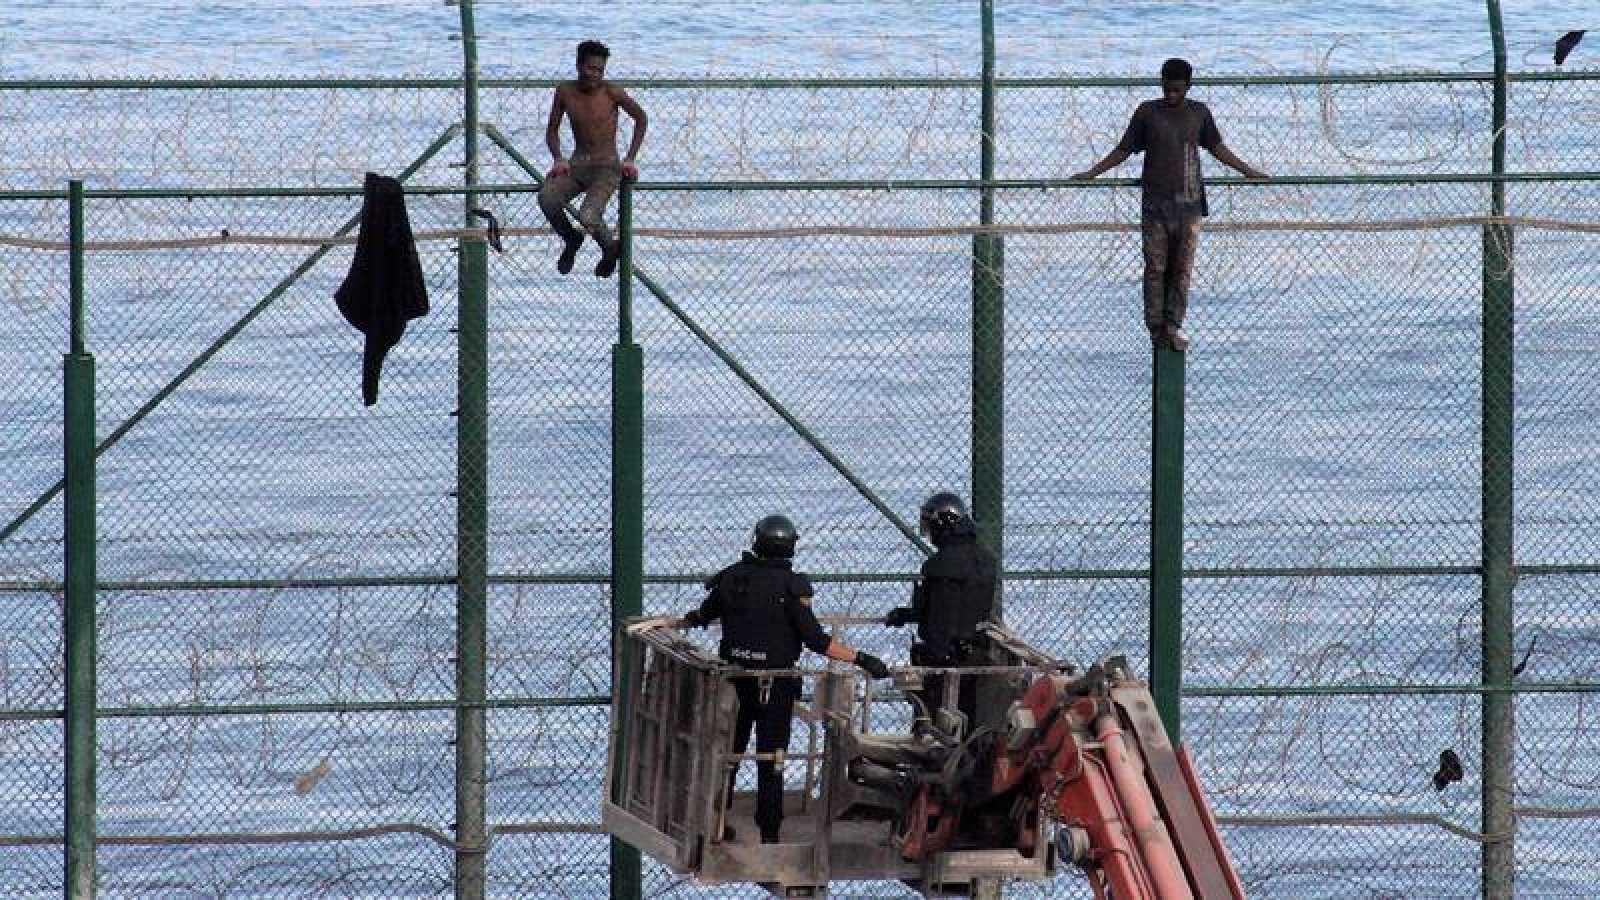 Más de un centenar de inmigrantes entran en Ceuta tras saltar la valla fronteriza